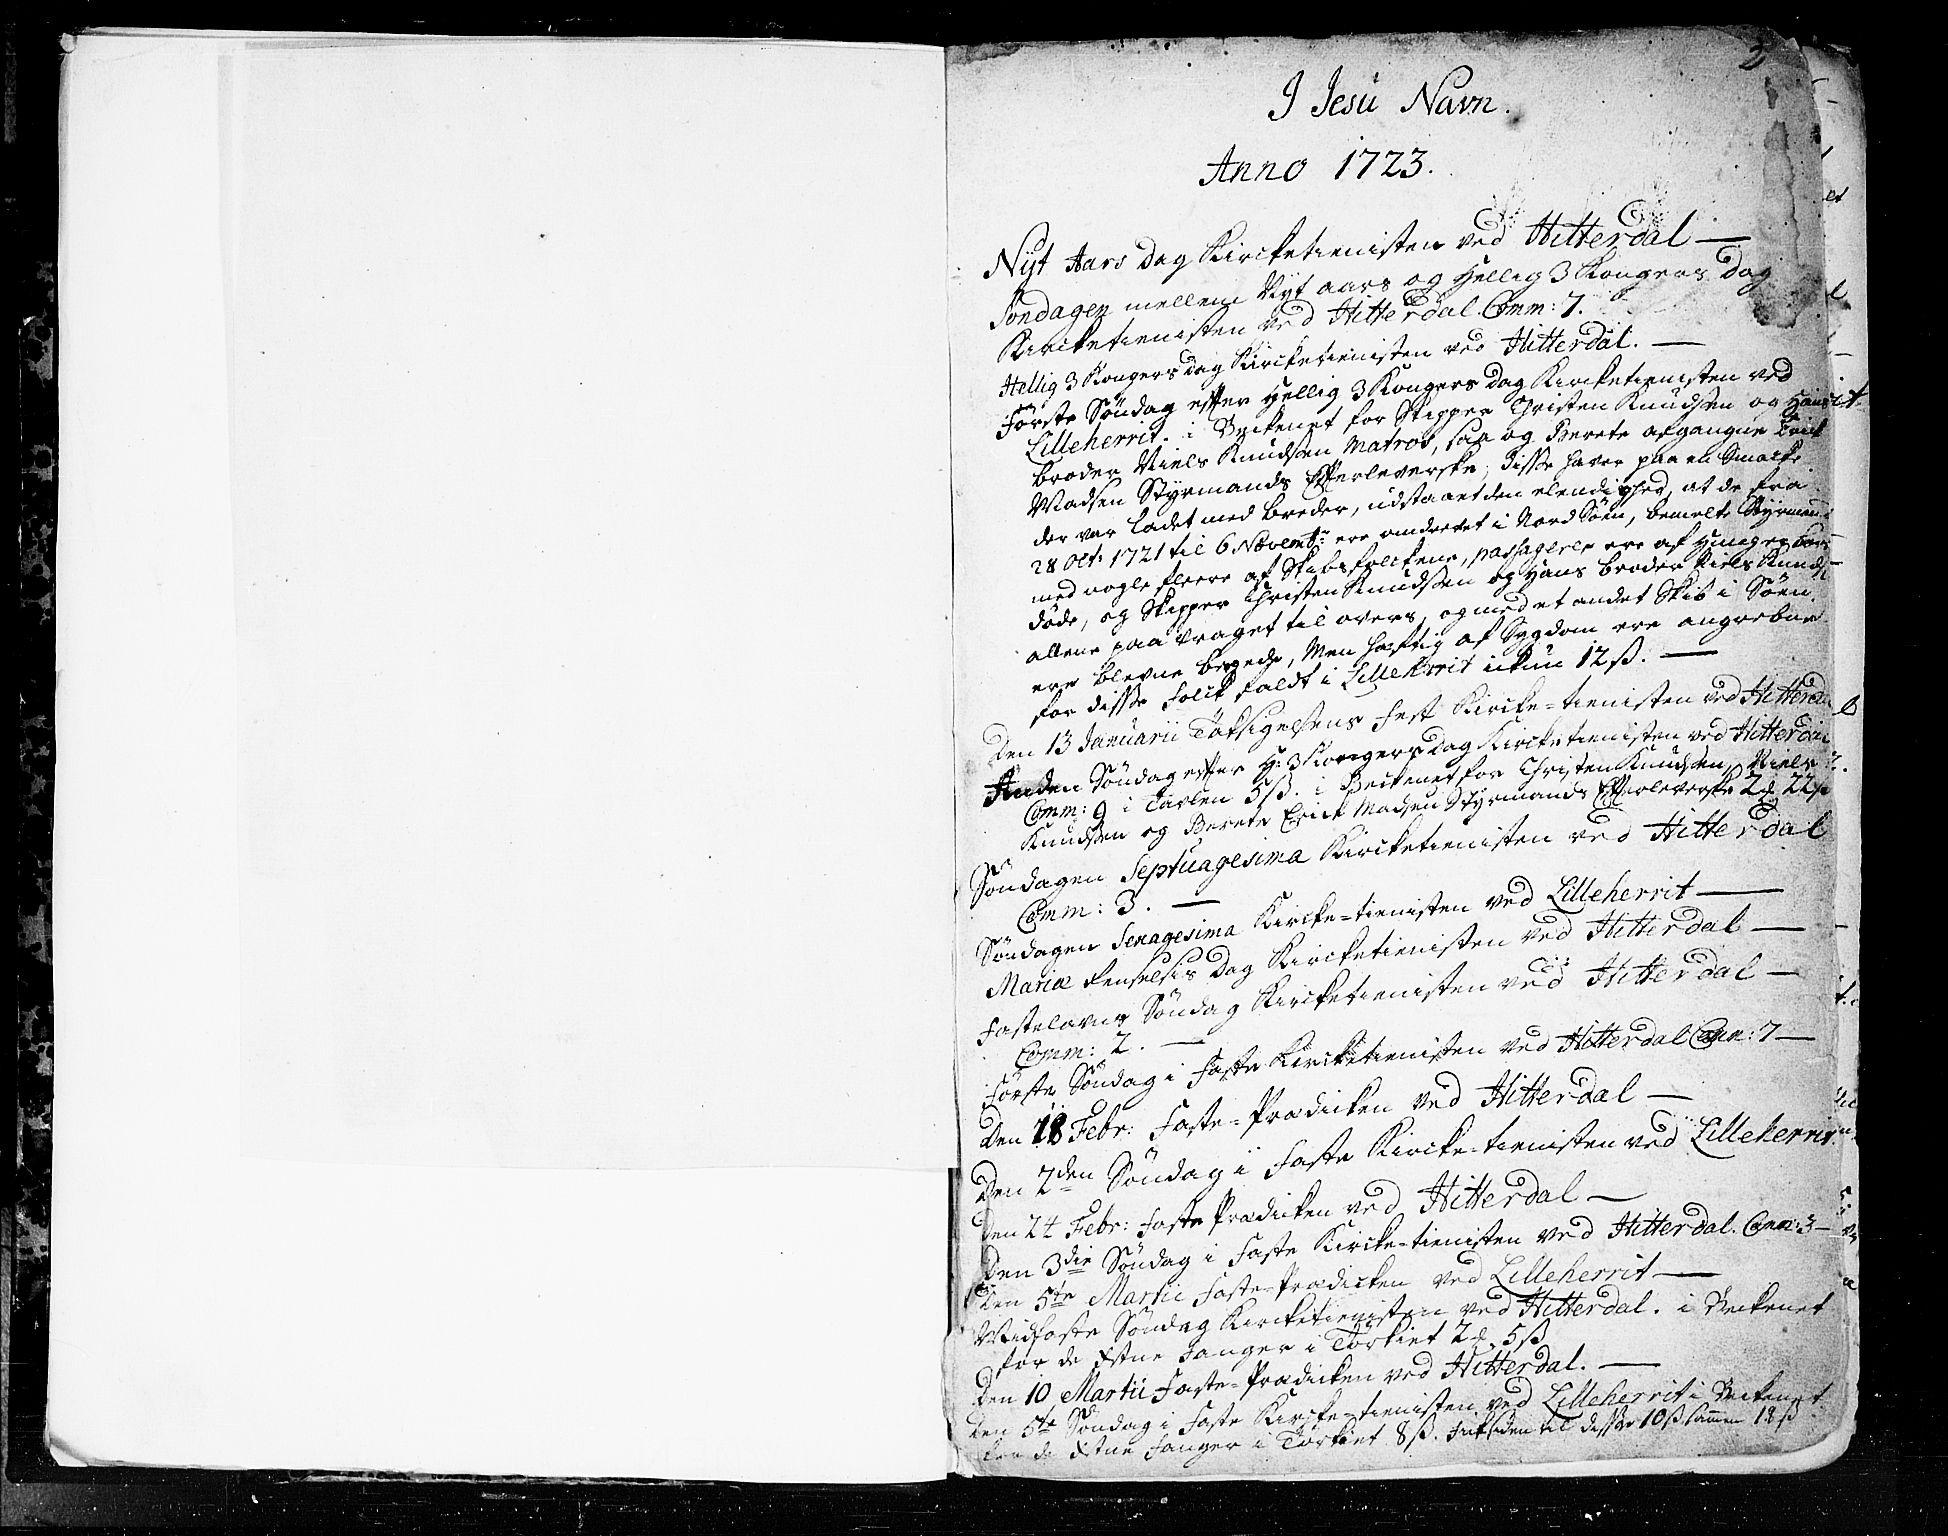 SAKO, Heddal kirkebøker, F/Fa/L0003: Ministerialbok nr. I 3, 1723-1783, s. 2